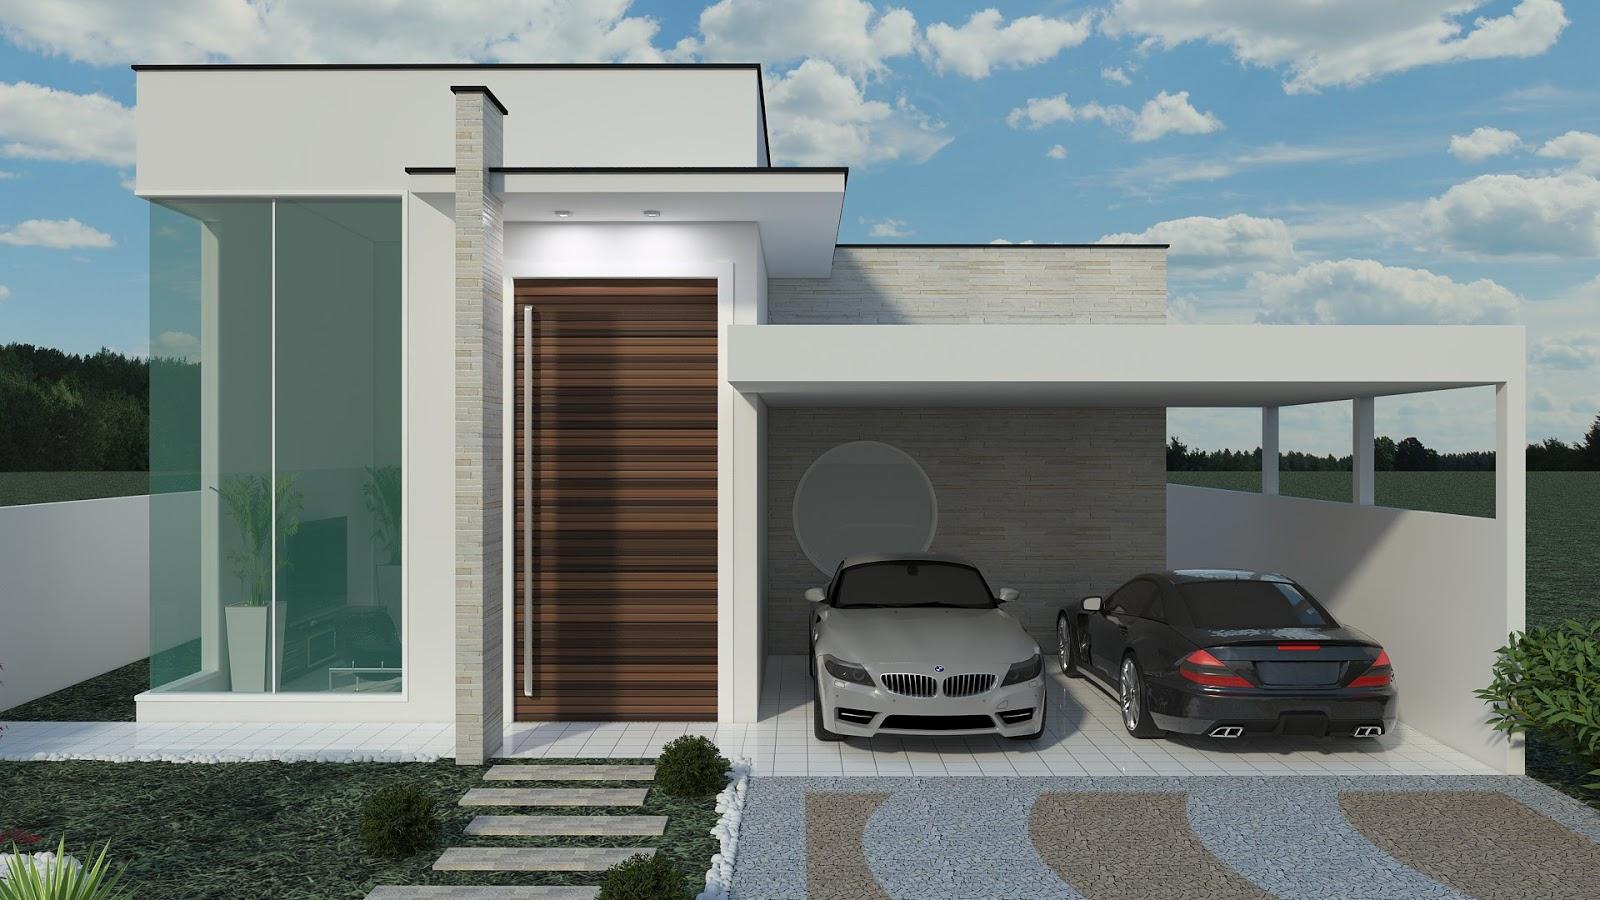 Construindo minha casa clean fachadas de casas quadradas for Fachadas modernas de casas pequenas